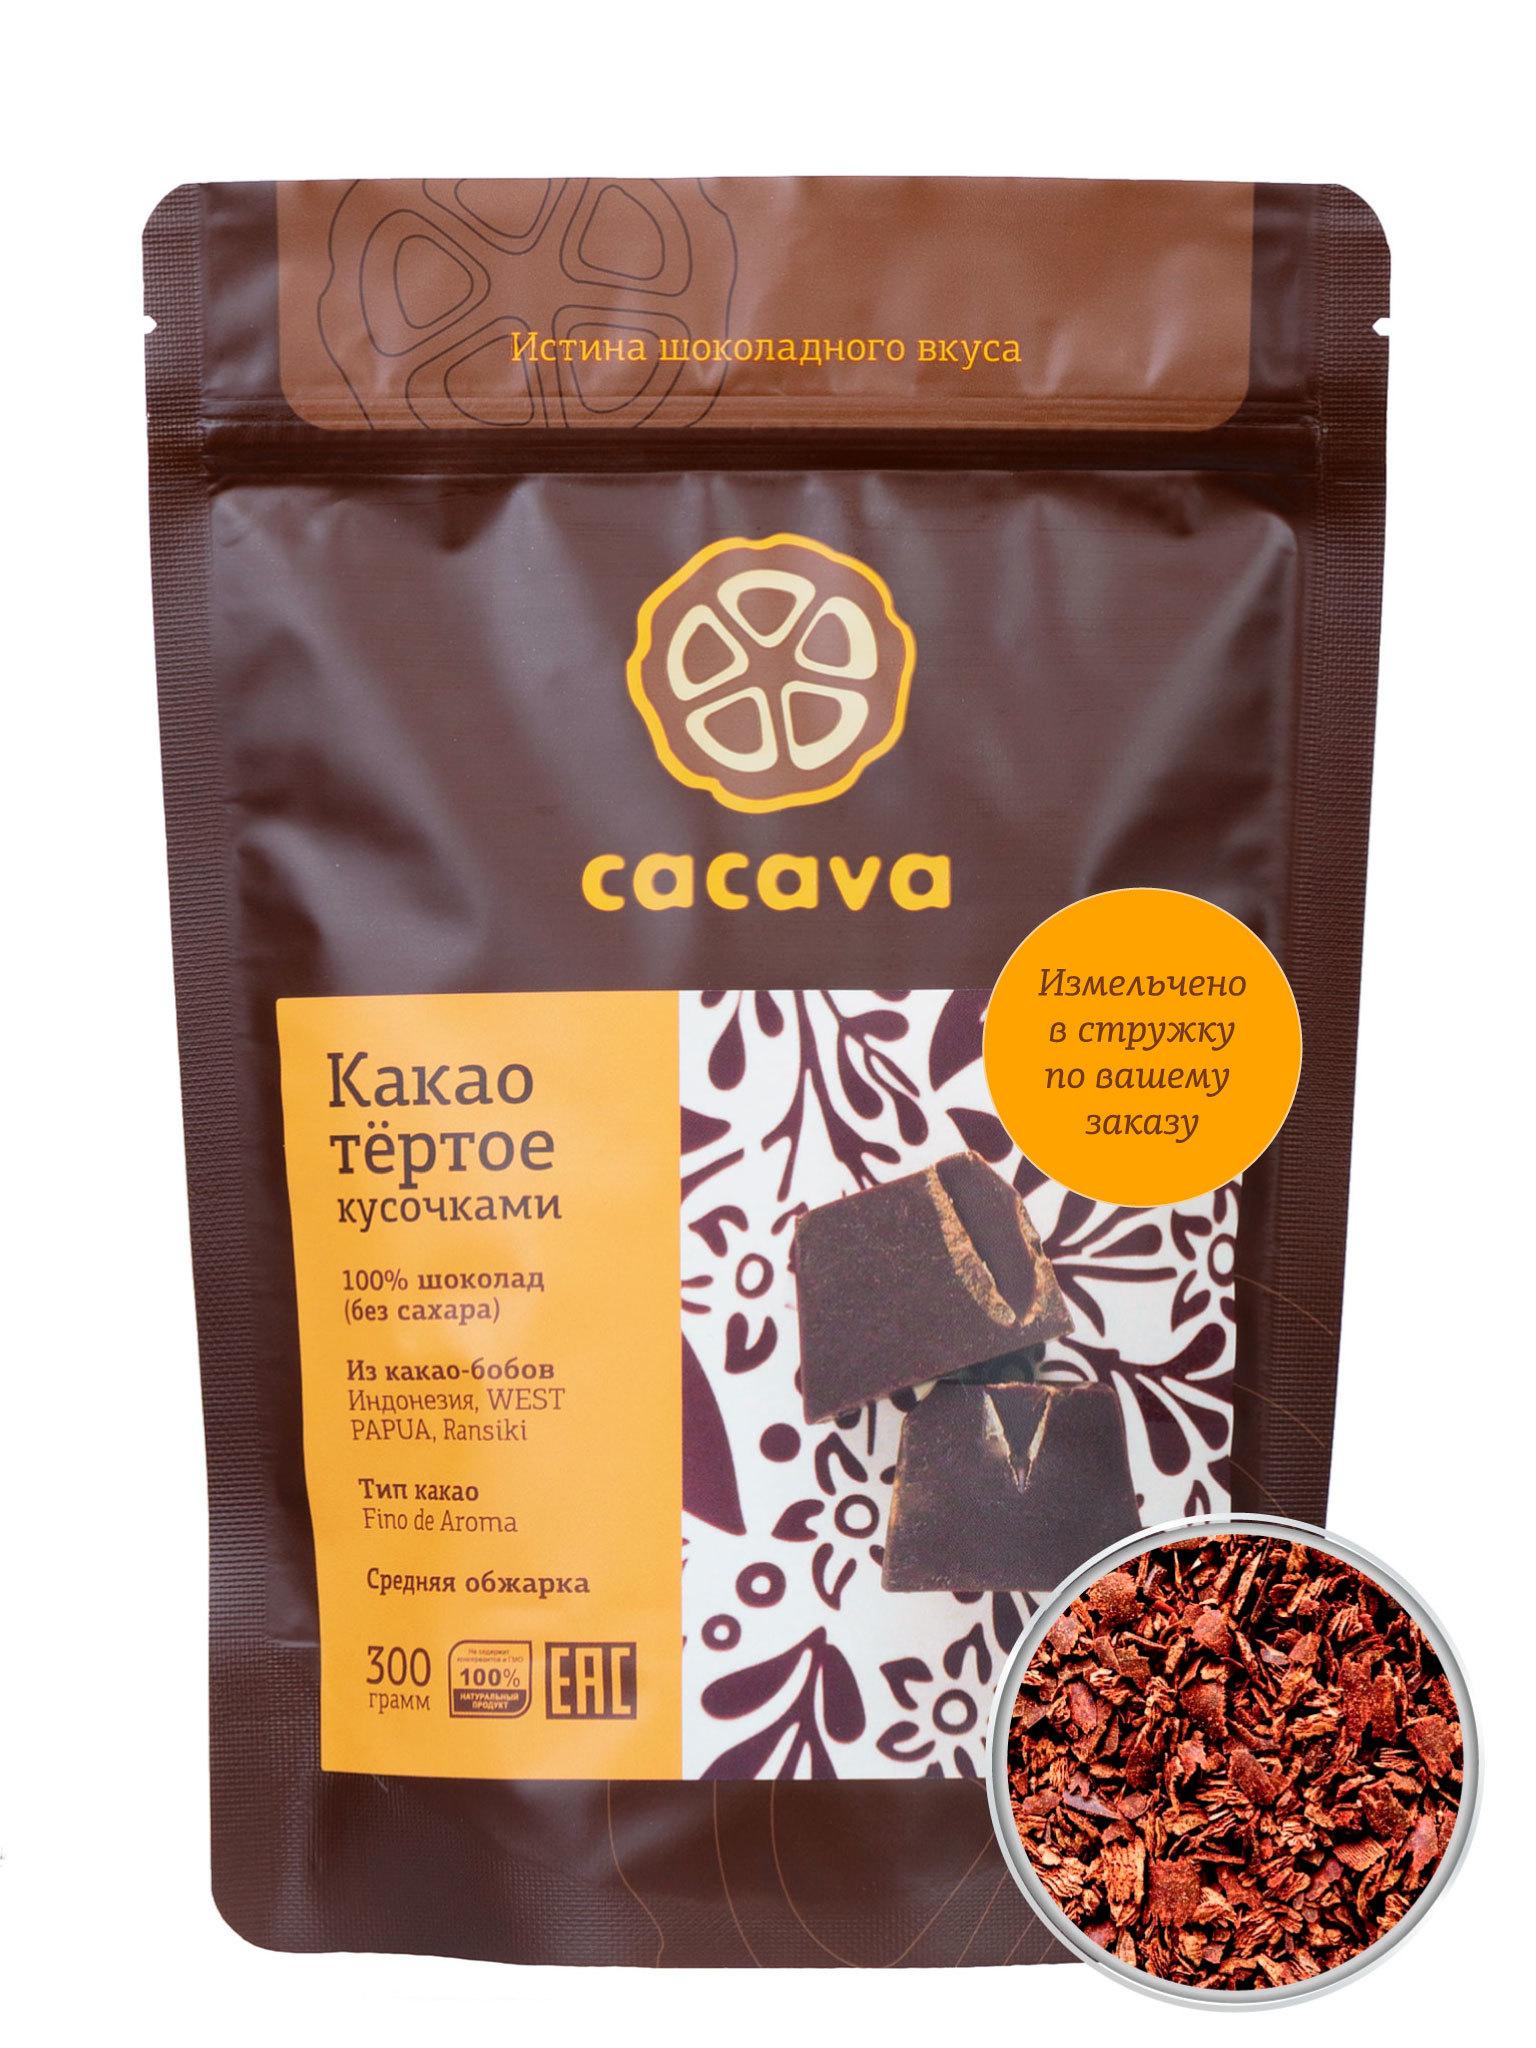 Какао тёртое в стружке (Индонезия, WEST PAPUA, Ransiki), упаковка 300 грамм